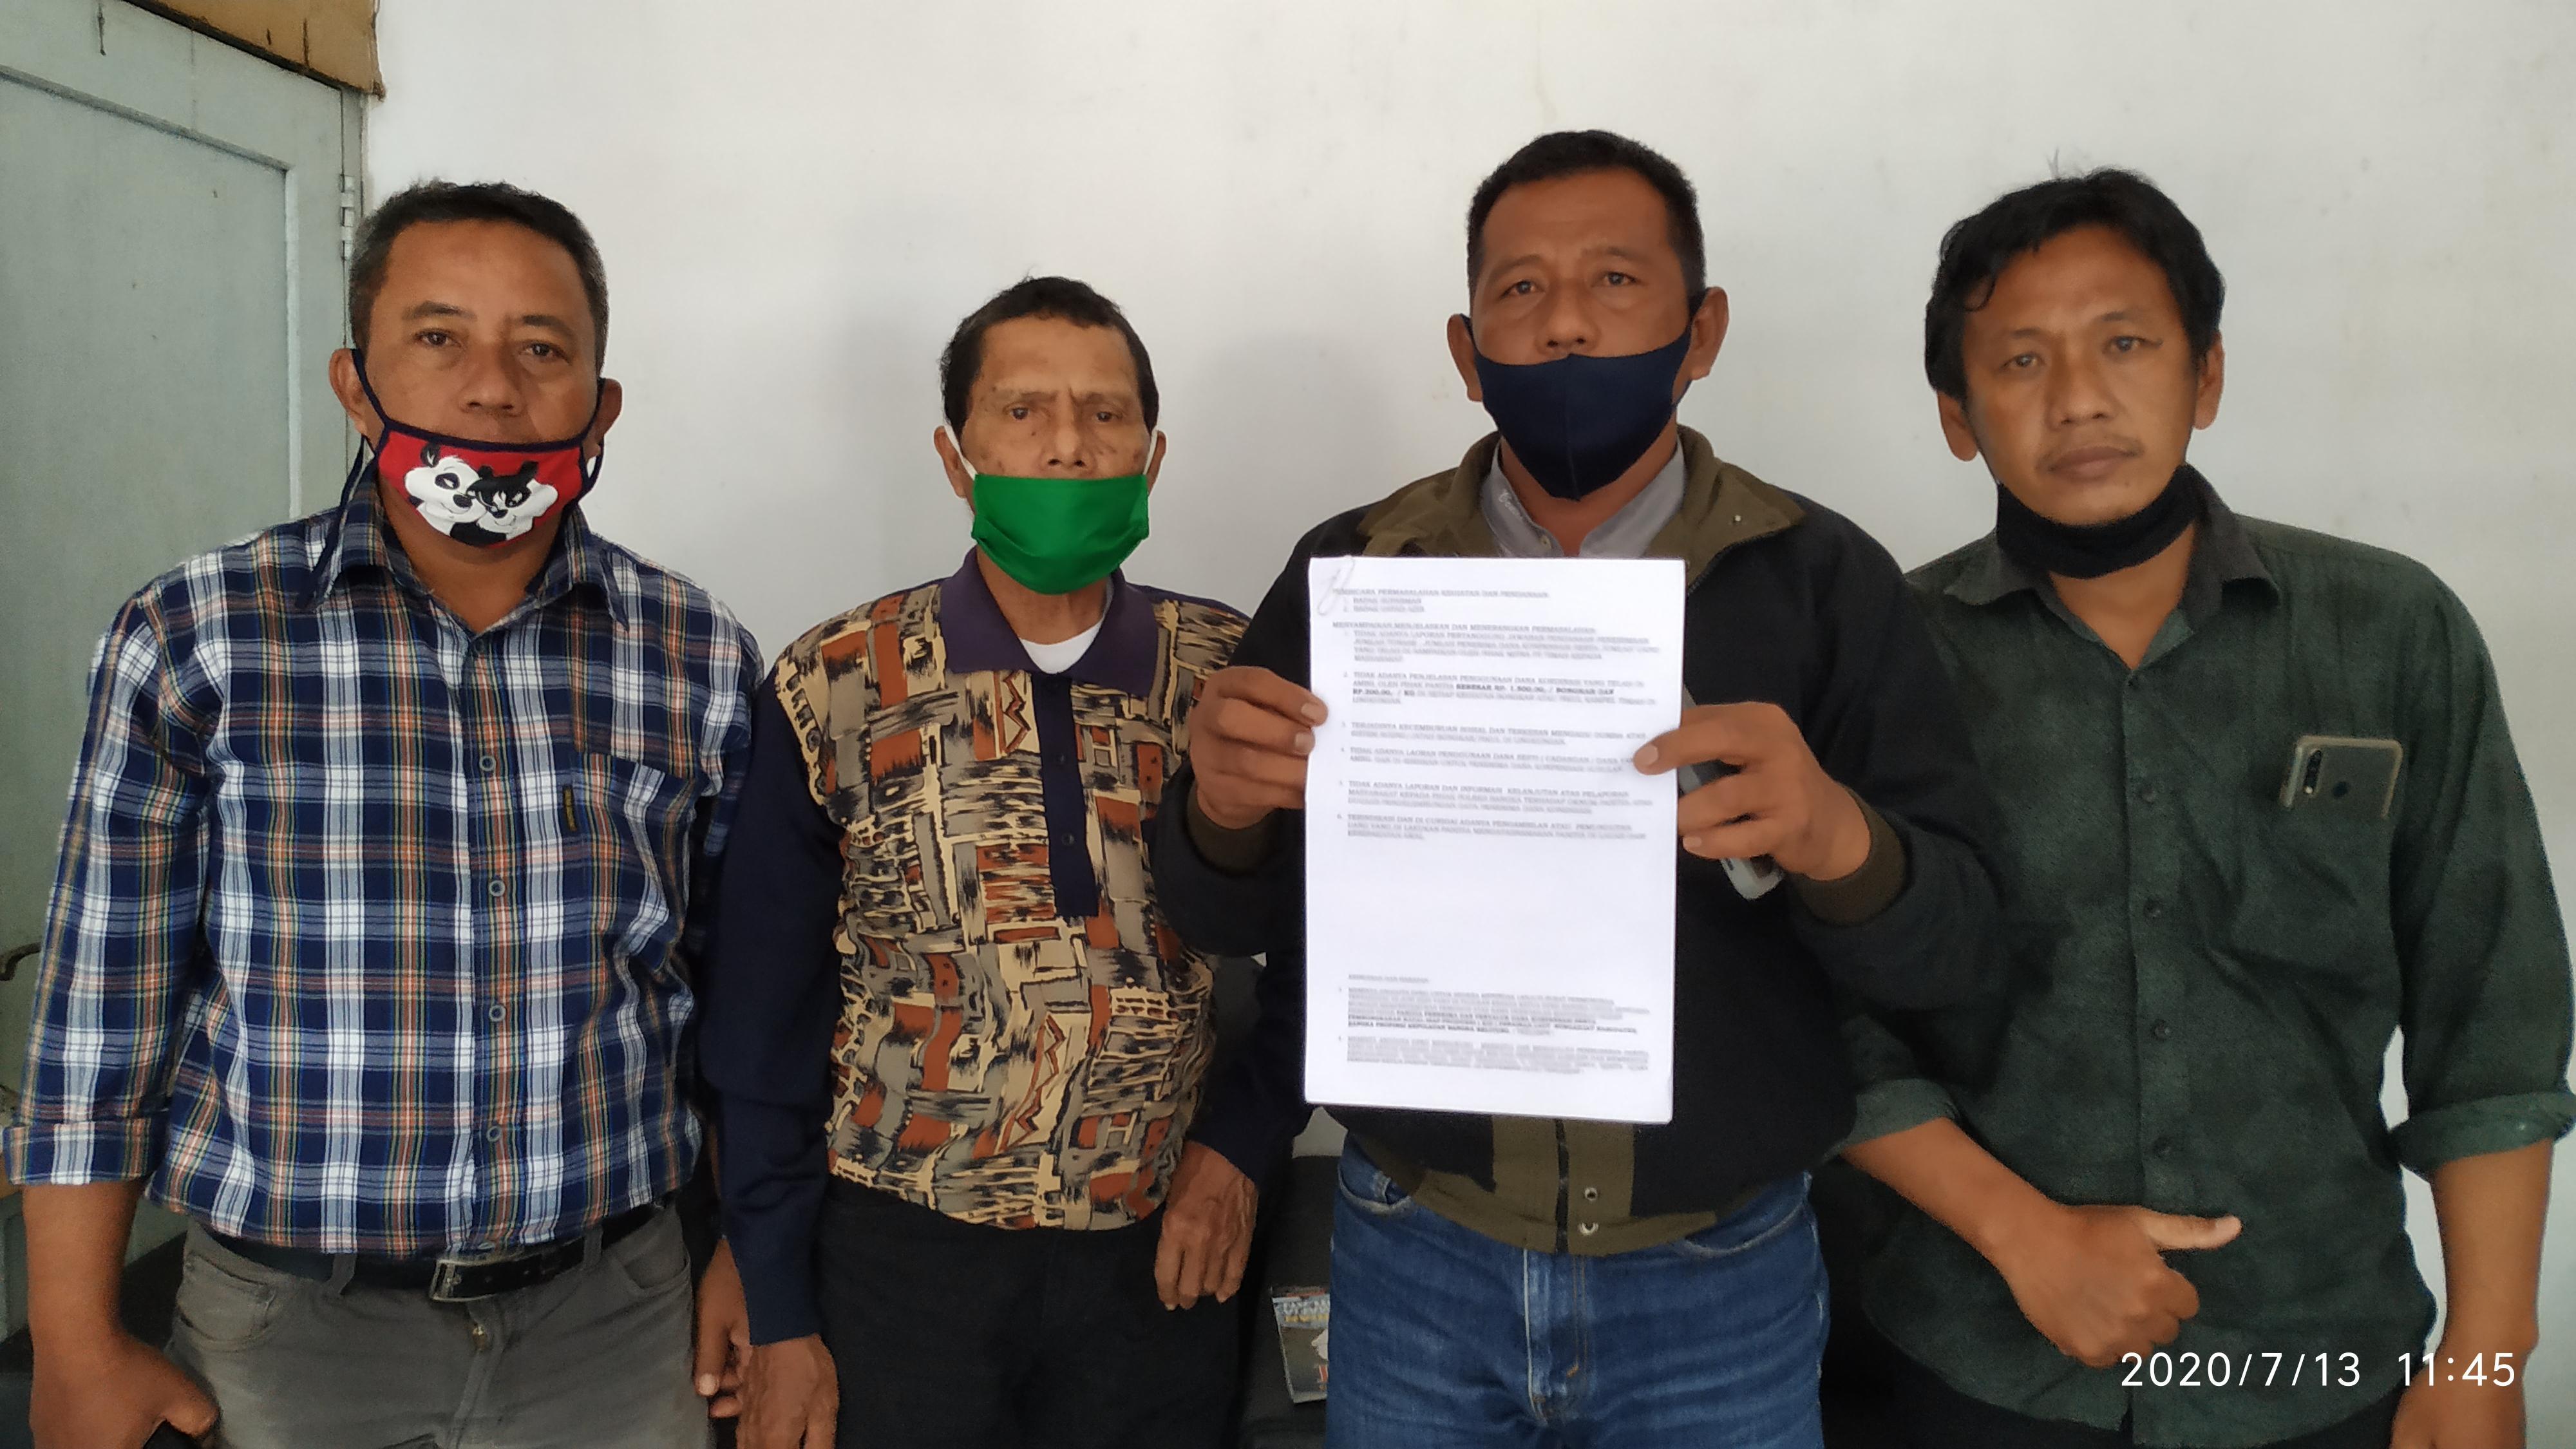 Datangi DPRD, Ratusan Warga Pesisir Minta Panitia Kompensasi Dibubarkan